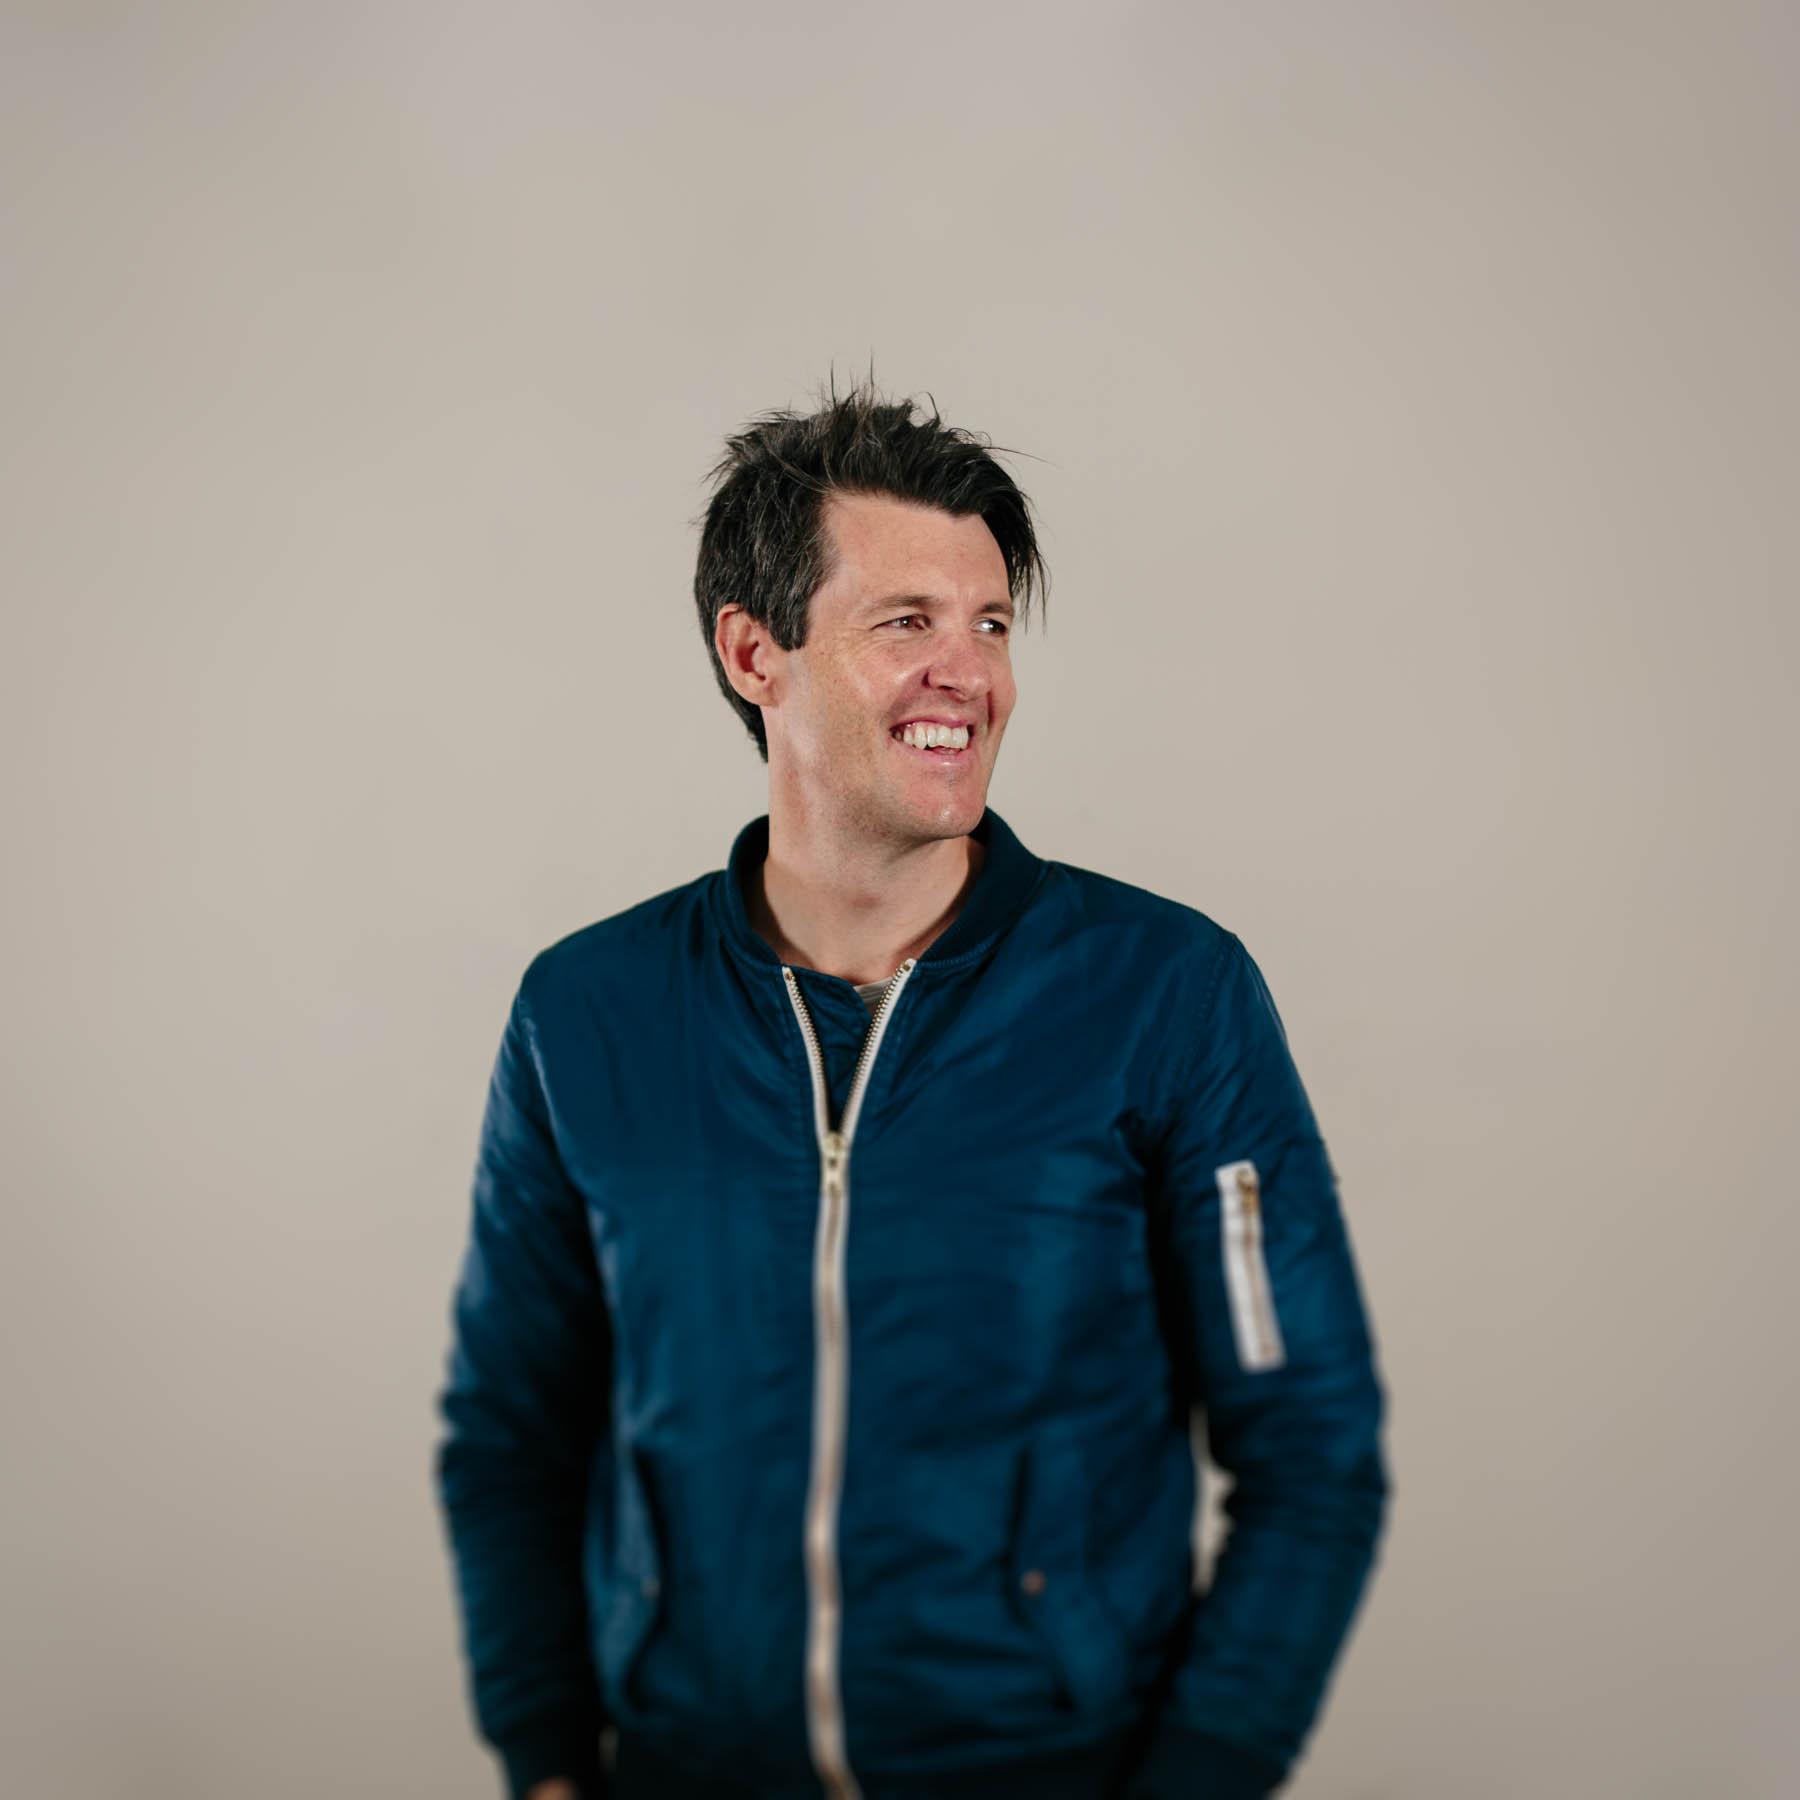 BEN MILBOURNE - EXECUTIVE DIRECTOR